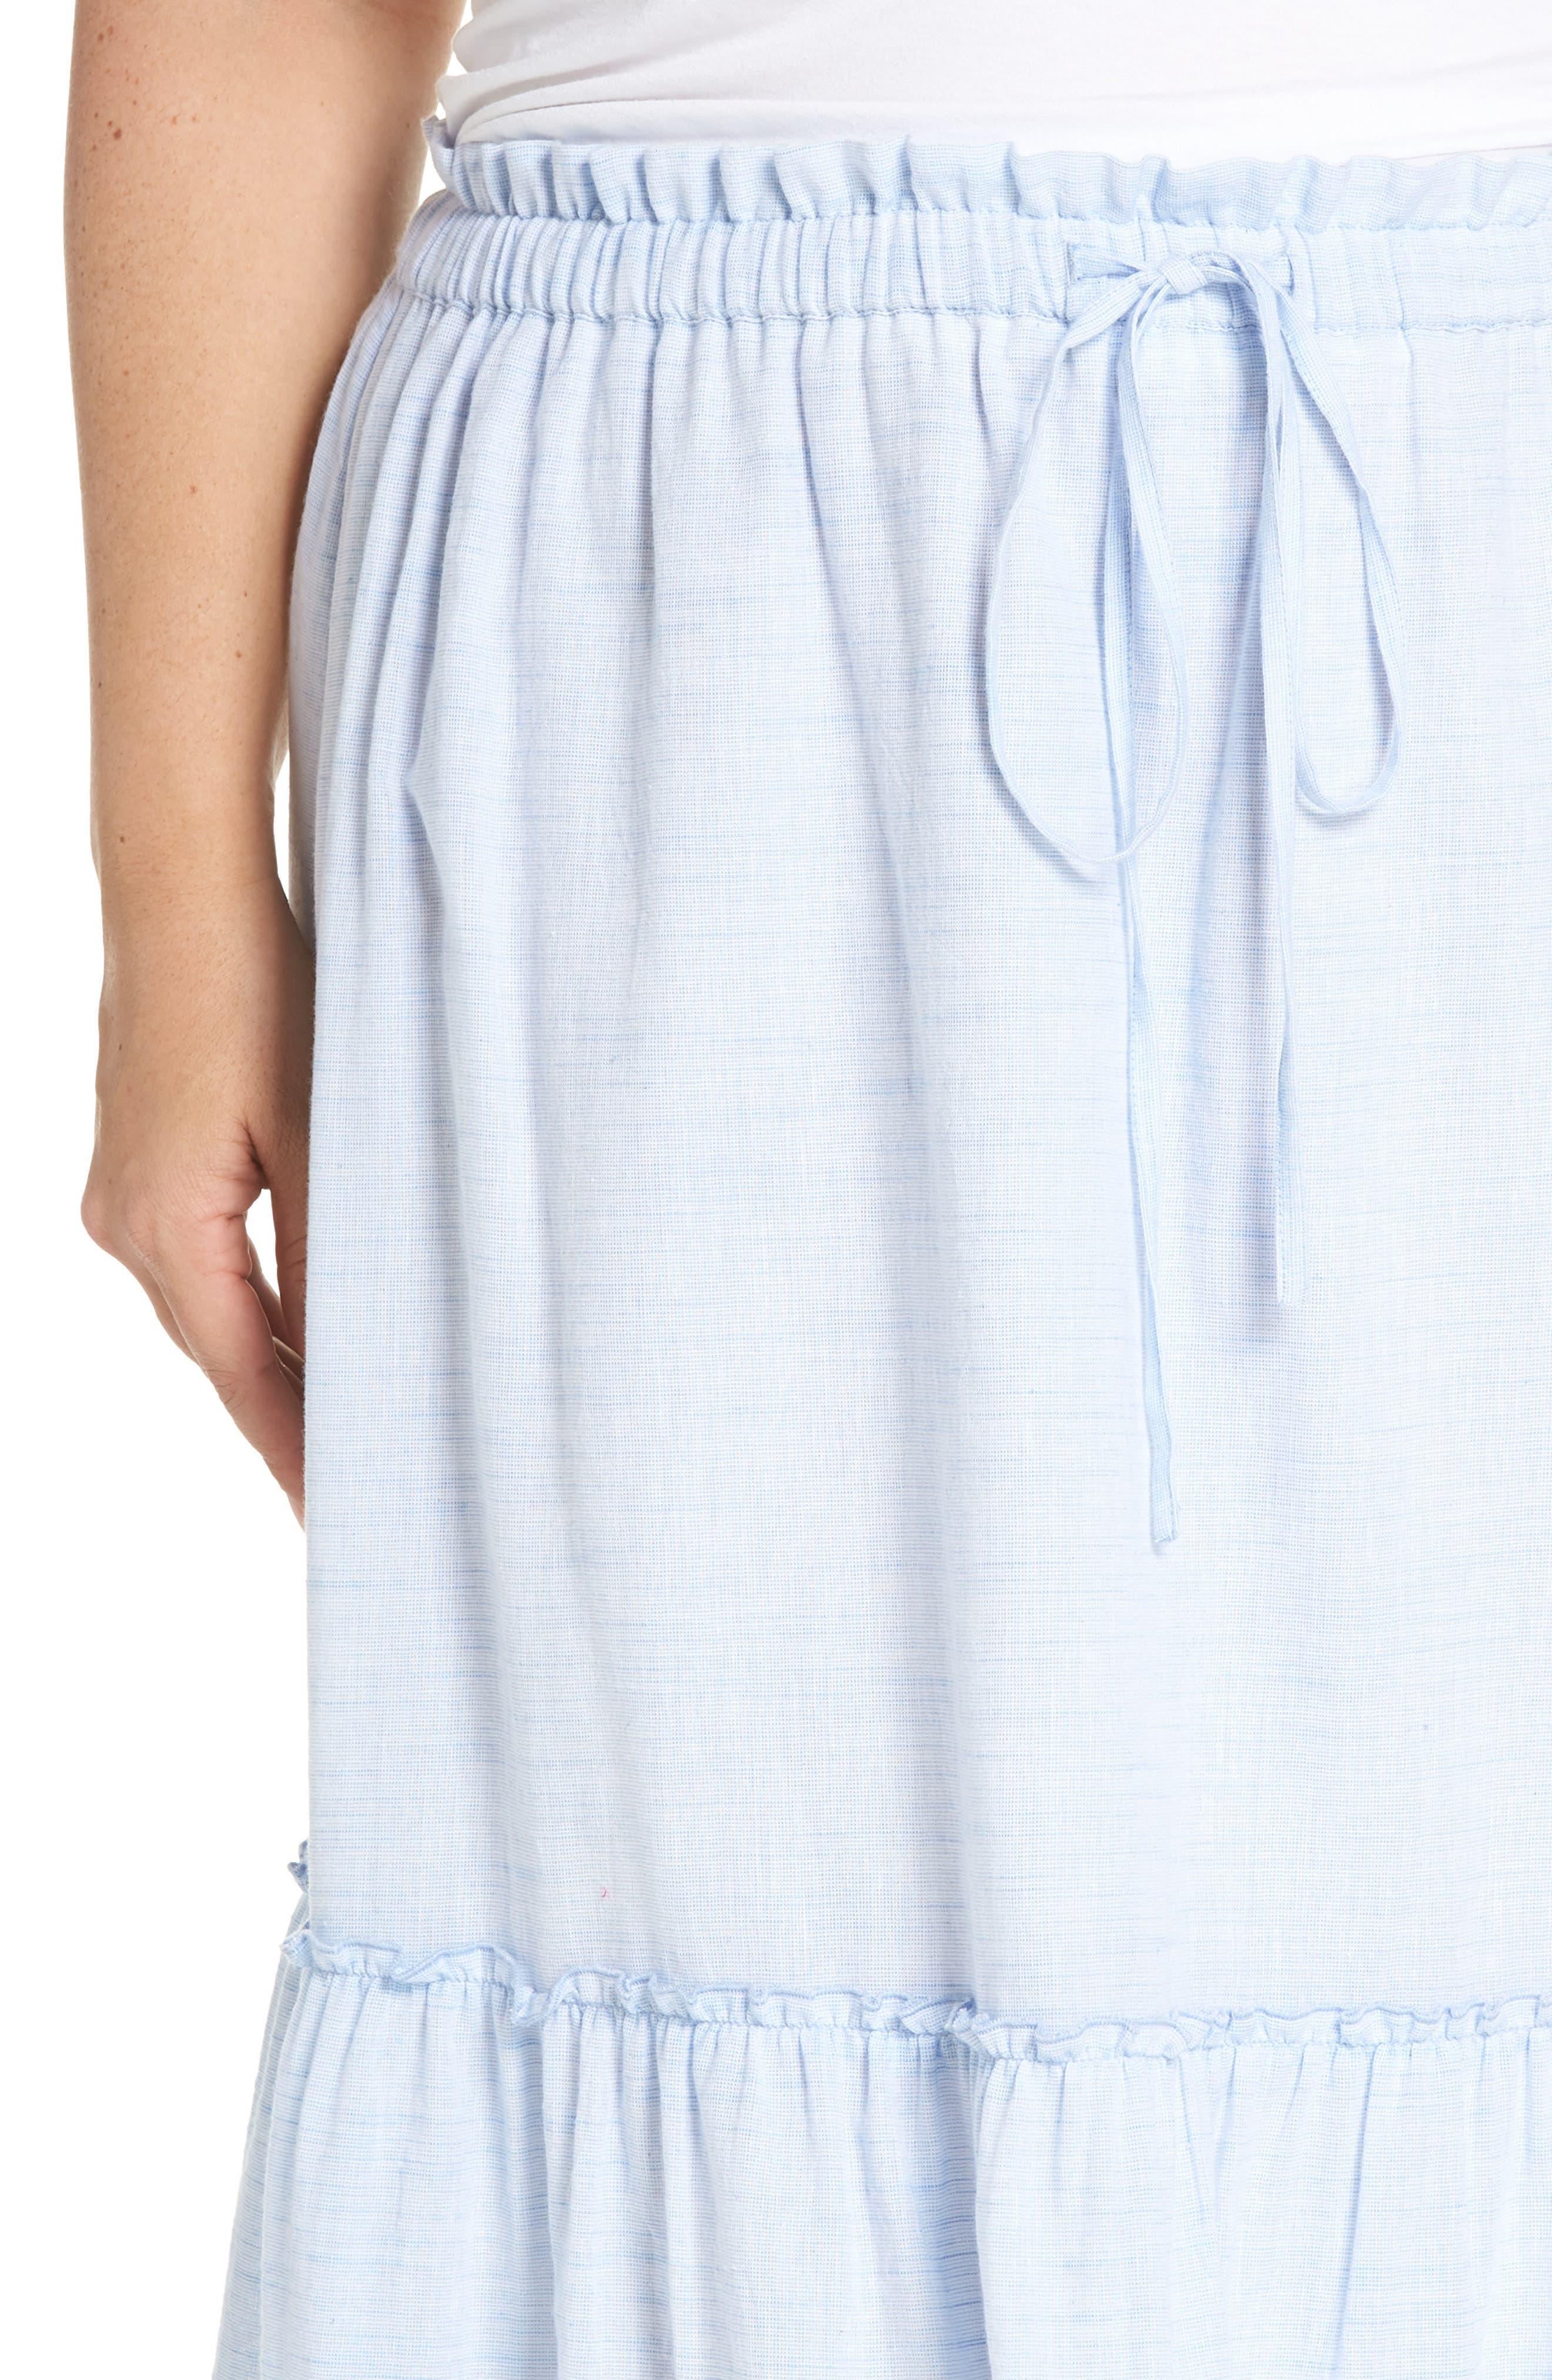 Ruffle Hem Maxi Skirt,                             Alternate thumbnail 4, color,                             Blue- White Pattern